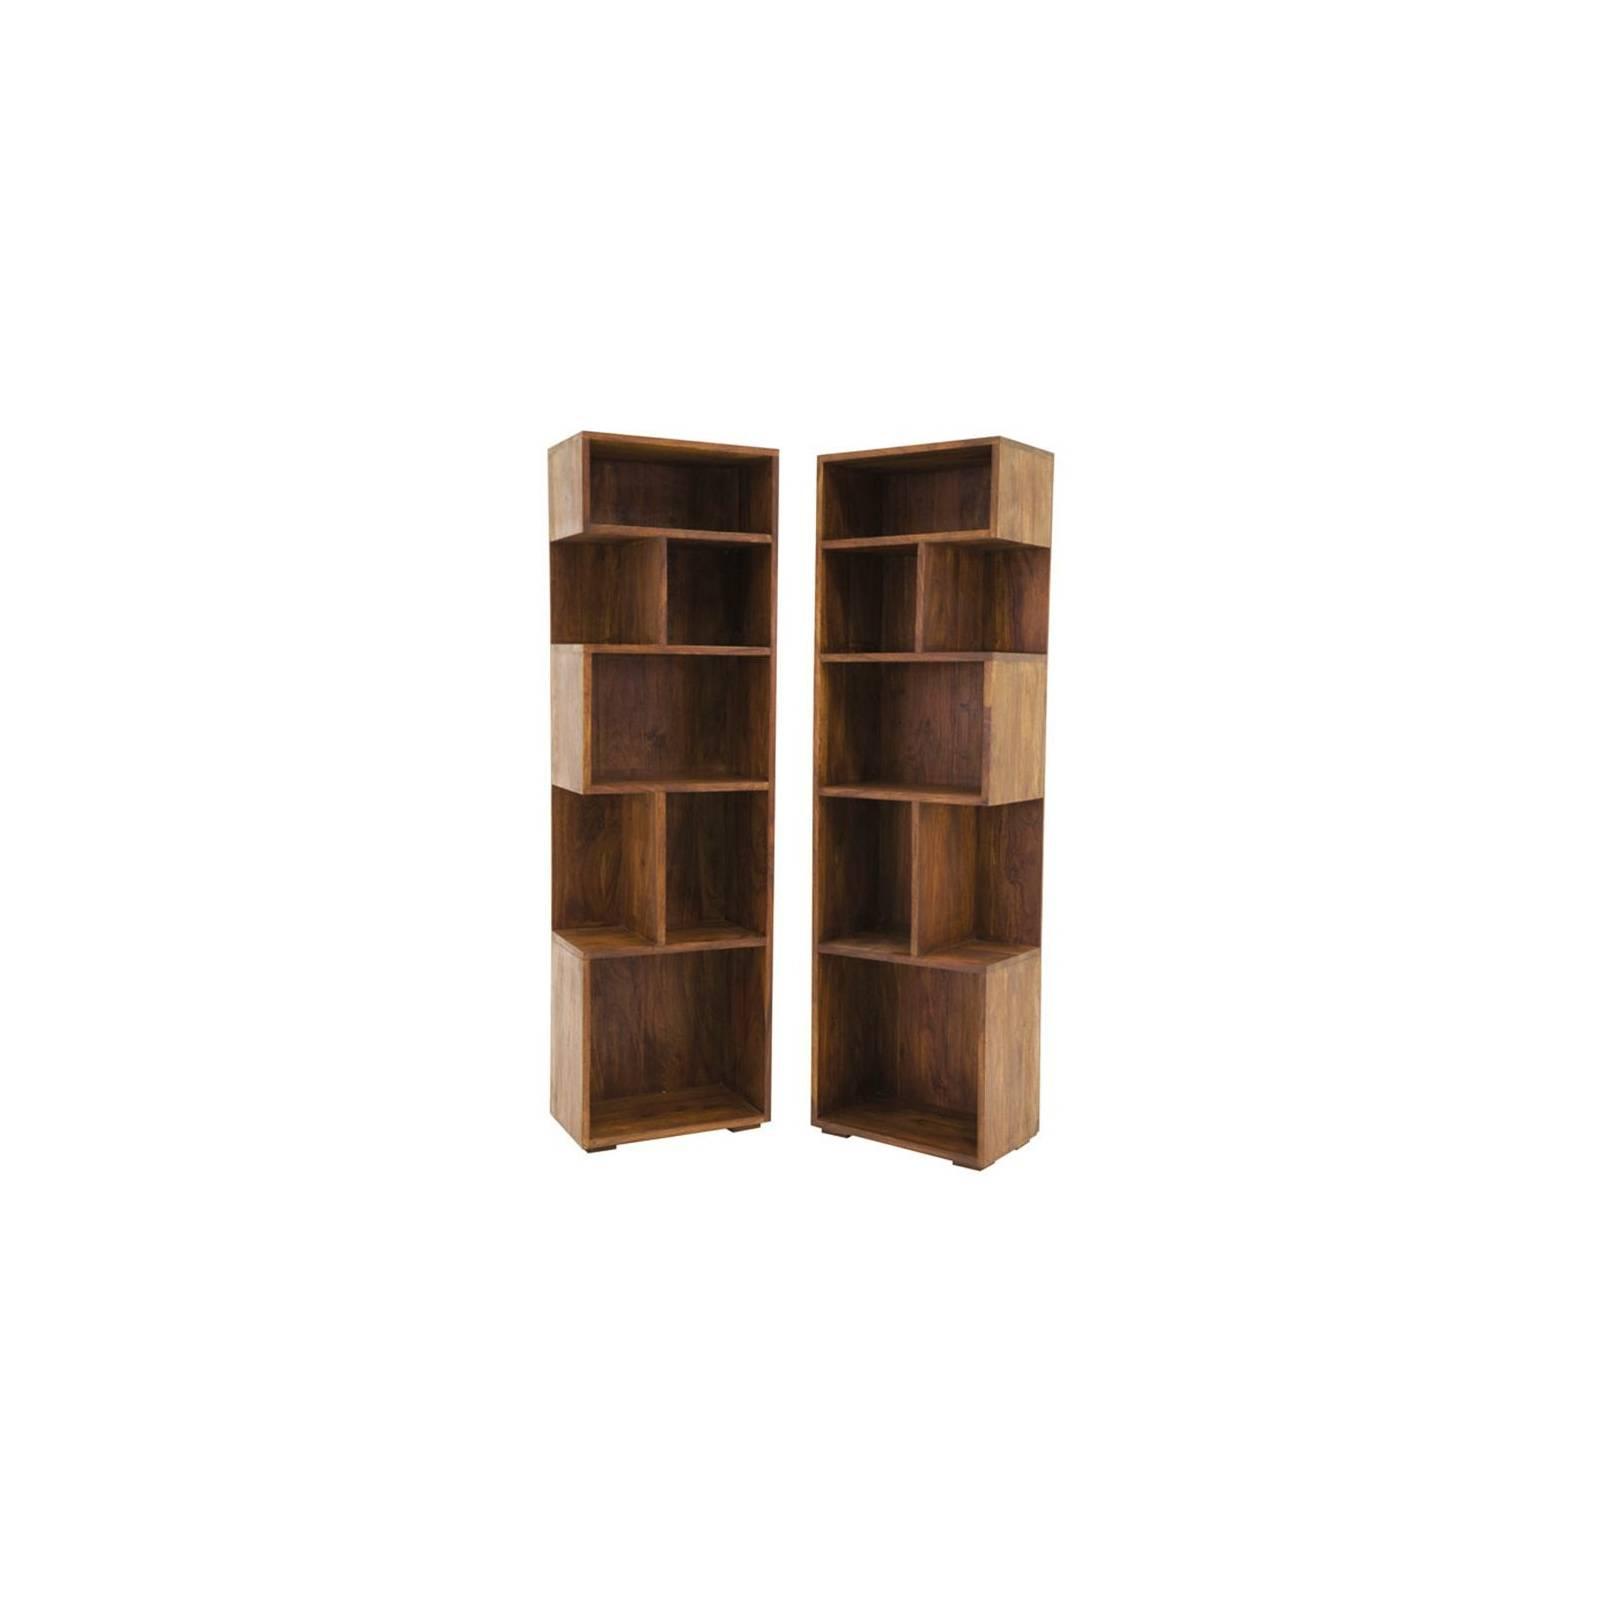 Bibliothèque en bois exotique Lhassa : inspiration ethnique pour le salon